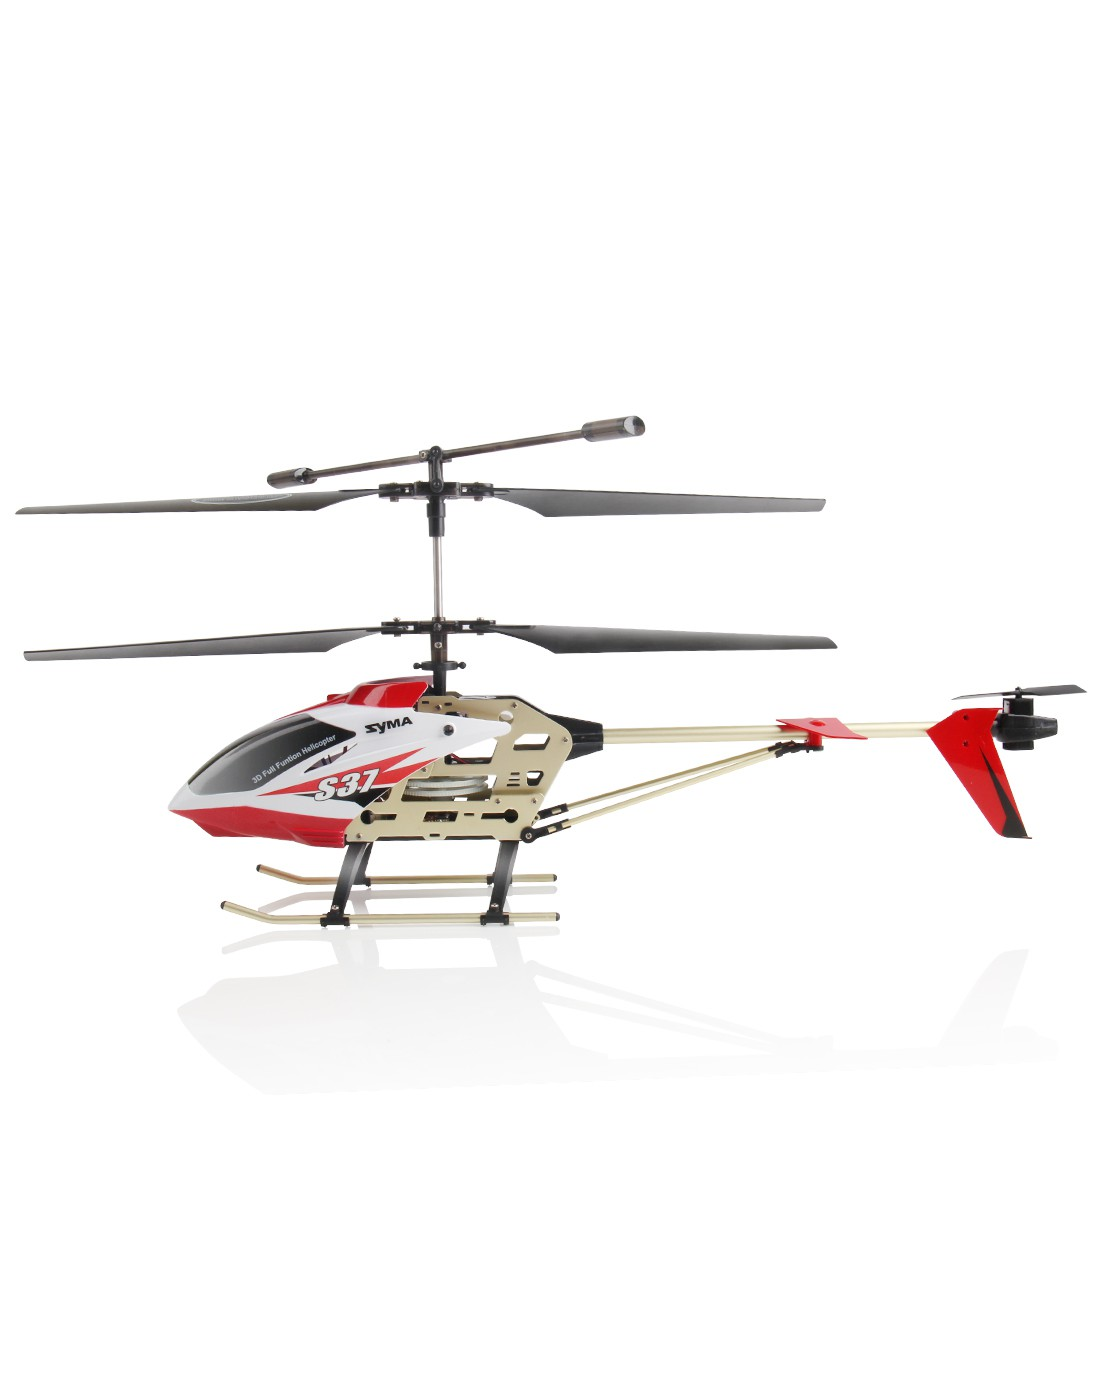 航模 合金可充电超大耐摔遥控飞机直升机